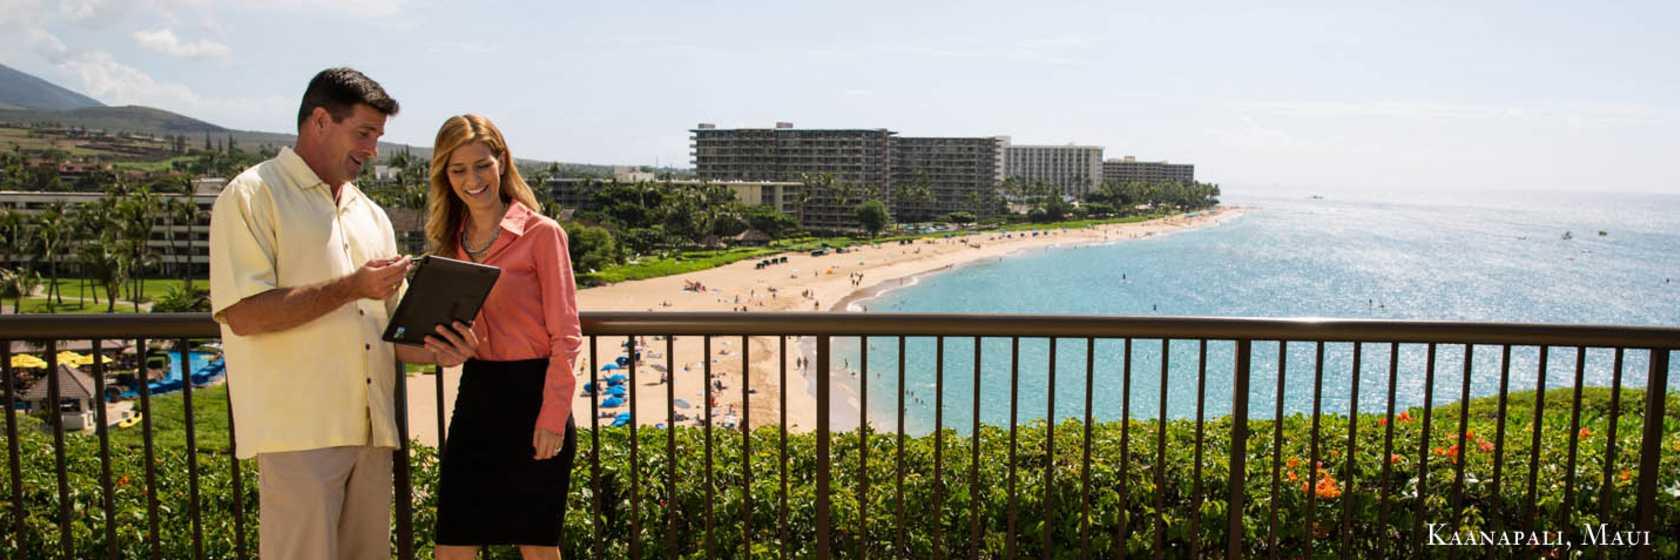 Meeting on Maui